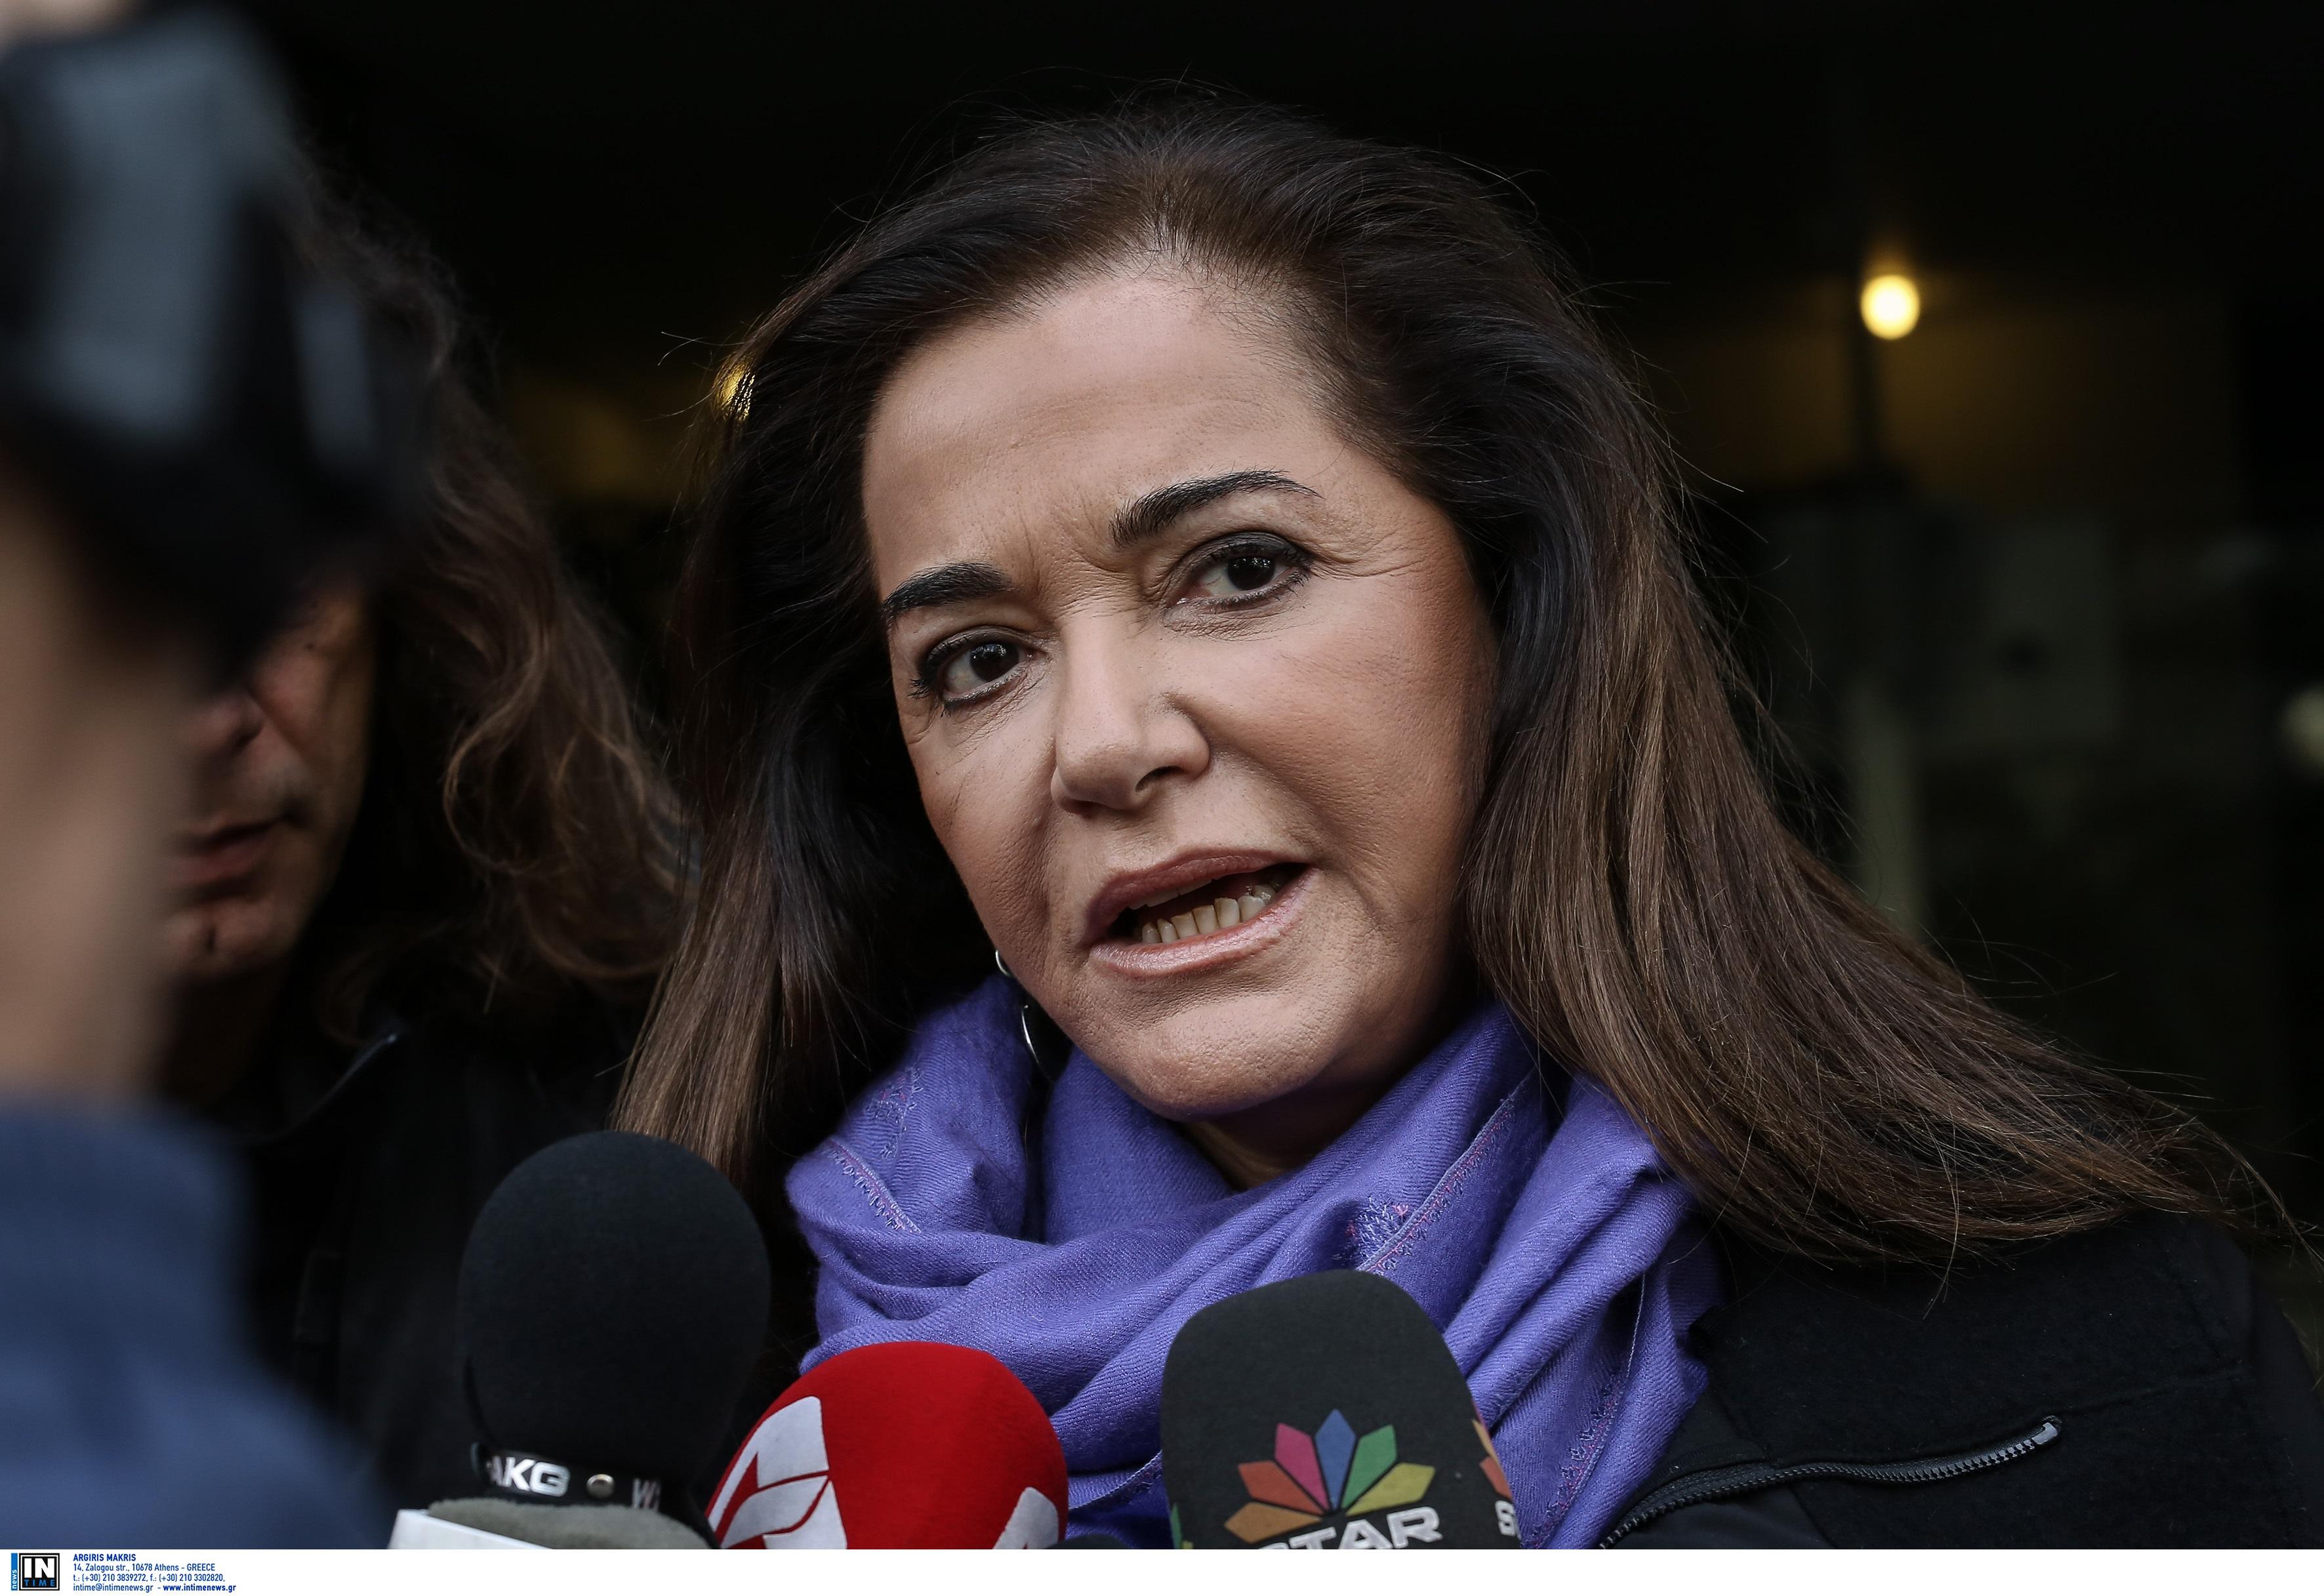 Χανιά: Παρέμβαση της Ντόρας Μπακογιάννη για το γηροκομείο – «Η υπόθεση ντροπιάζει τους Χανιώτες»